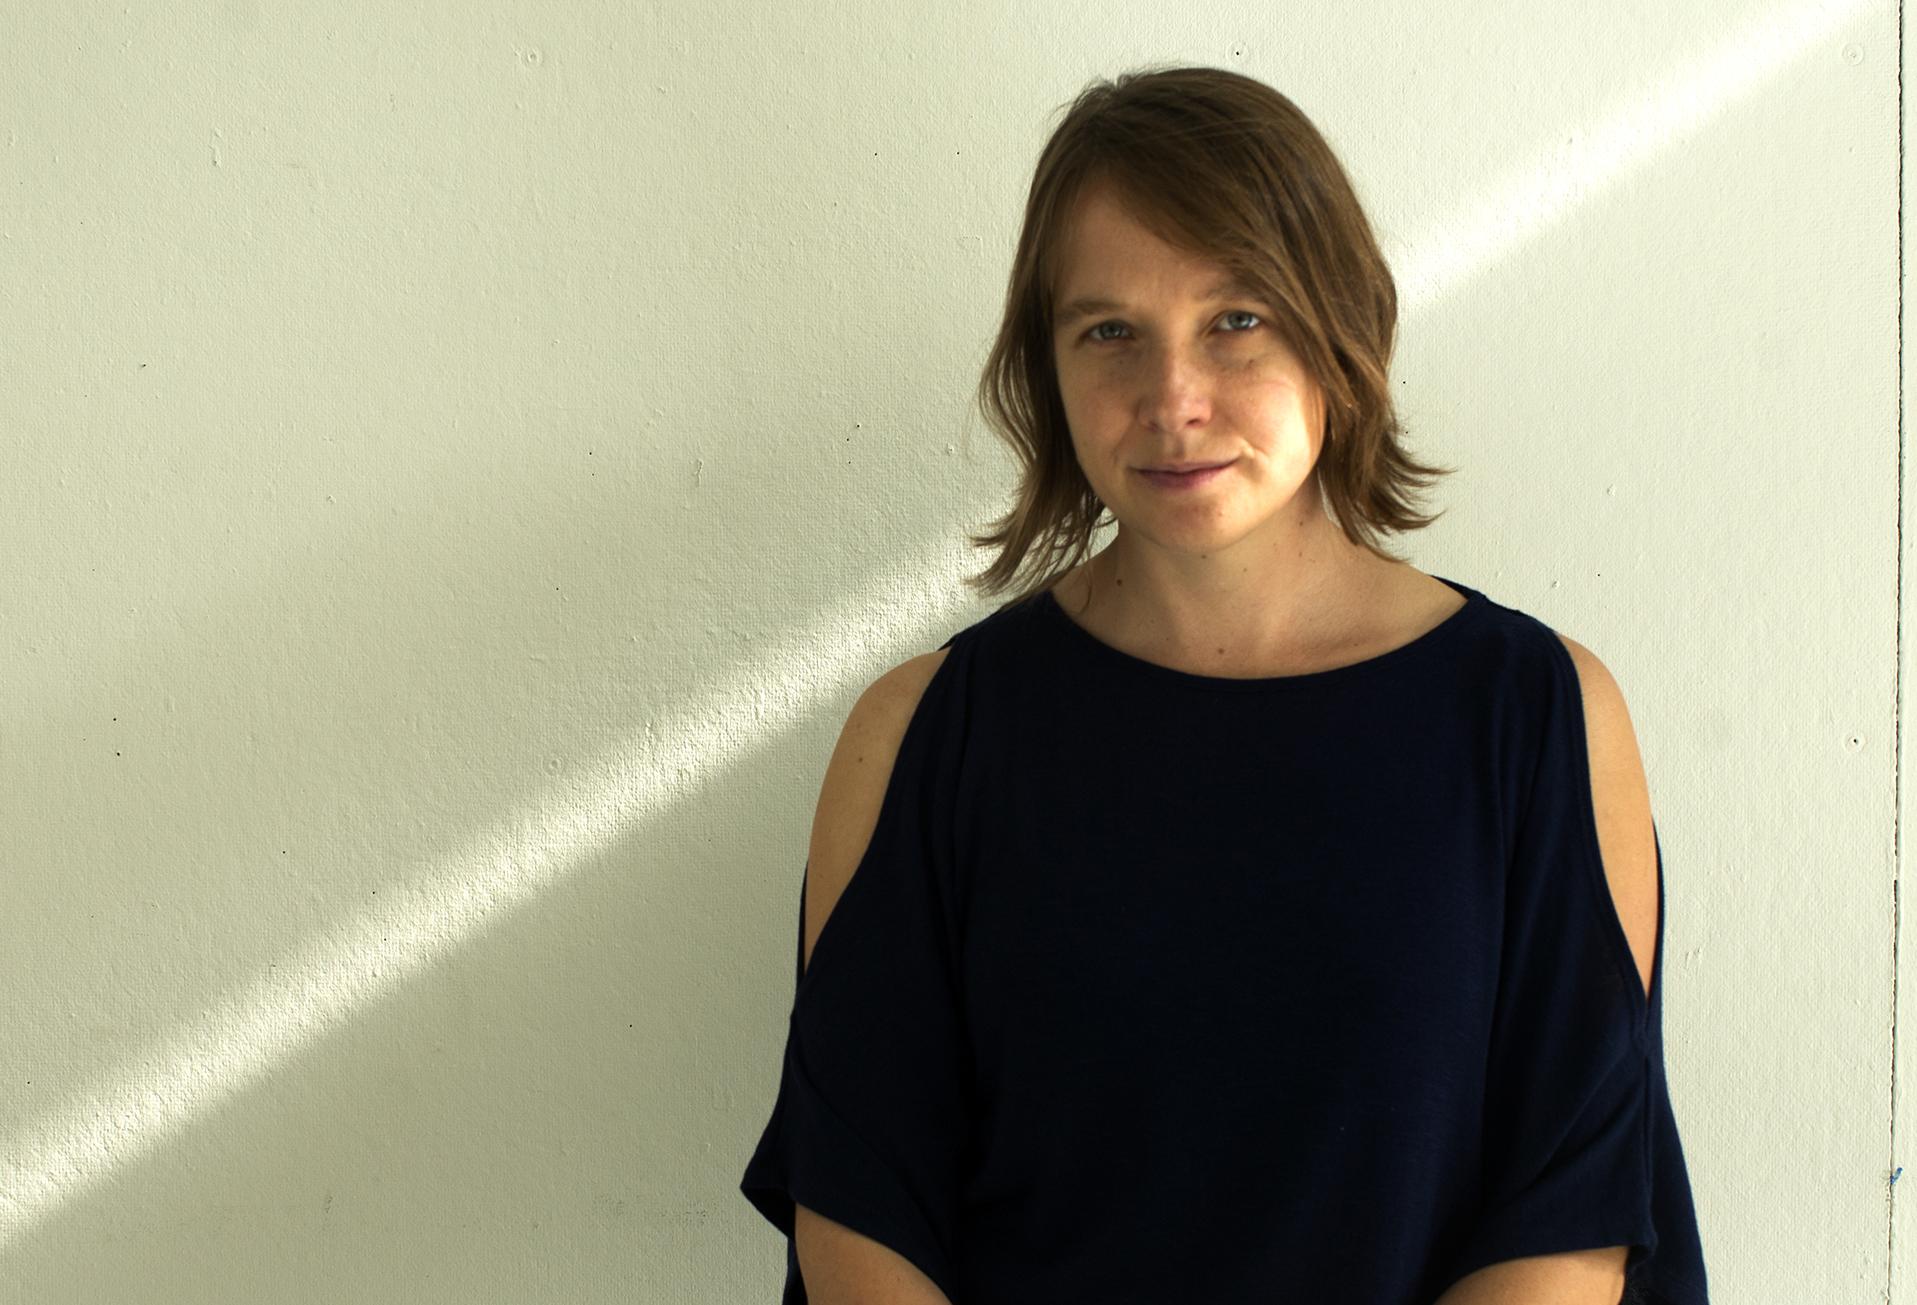 Catie Newell, University of Michigan